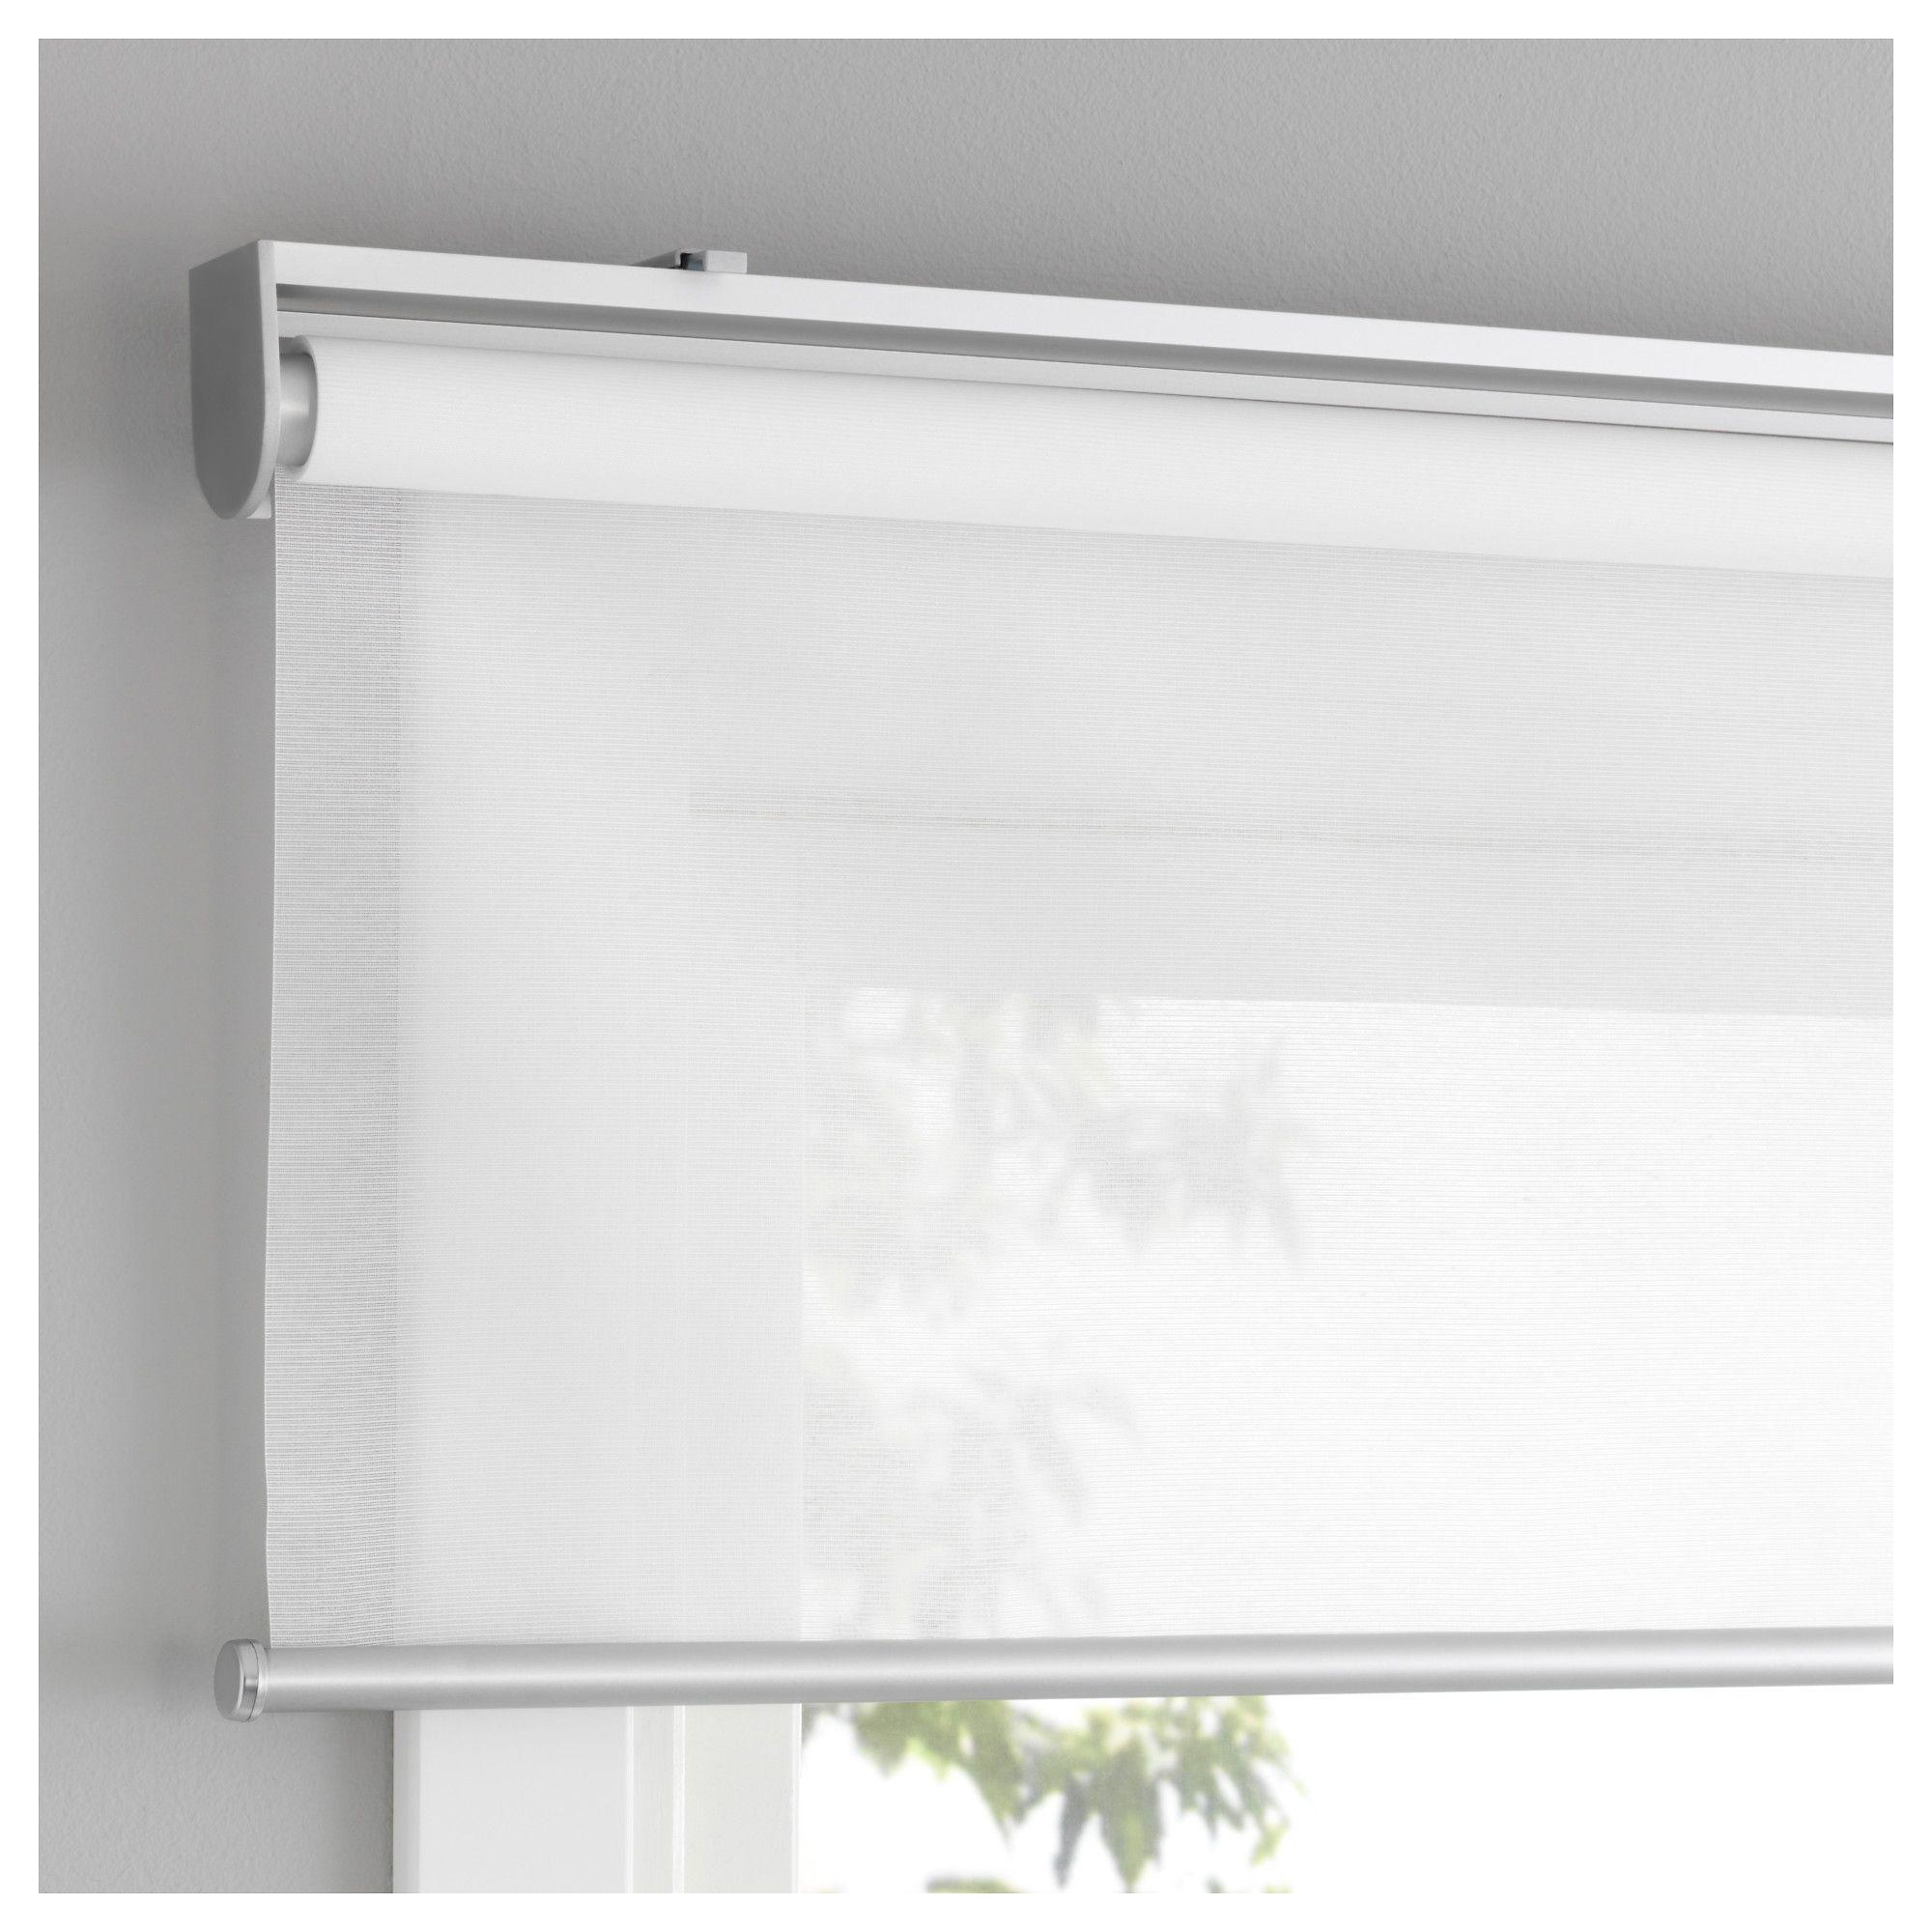 Store Bateau Blanc Ikea skogsklÖver roller blind - white 100x195 cm | roller blinds